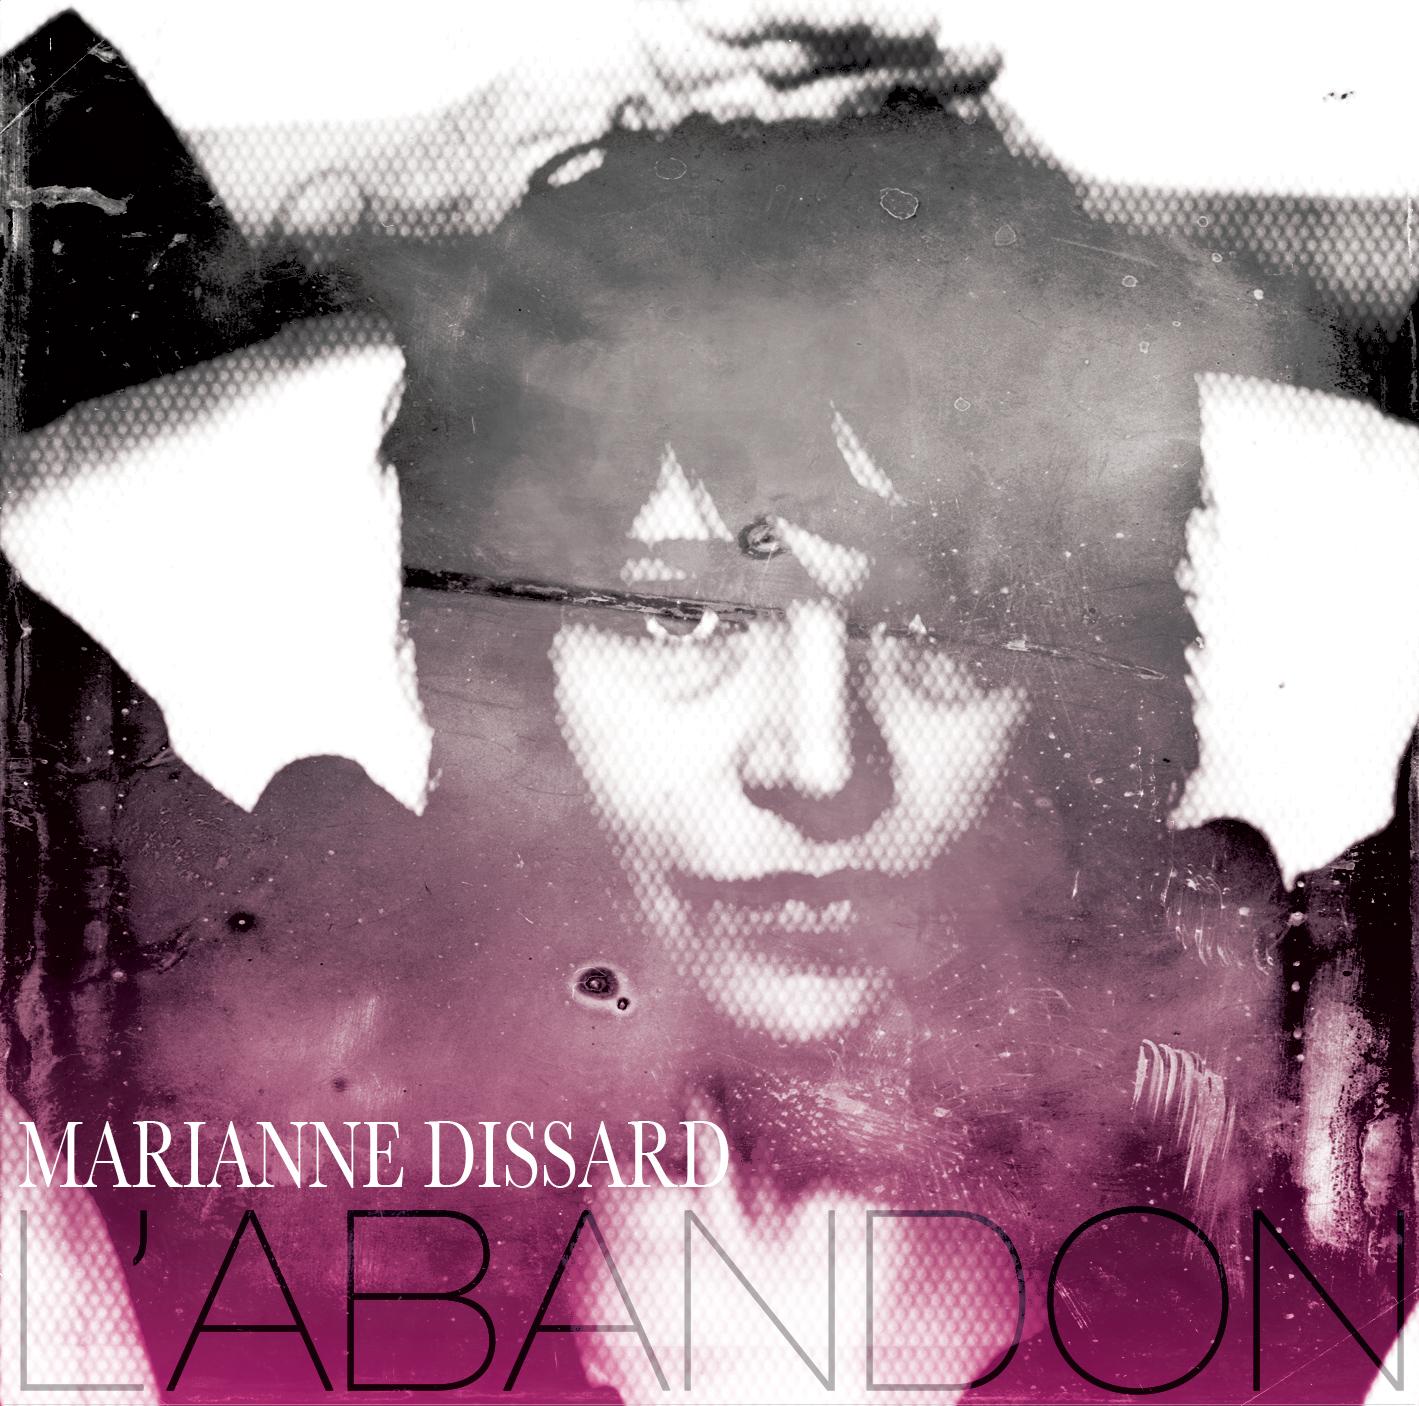 marianne_dissard_2011